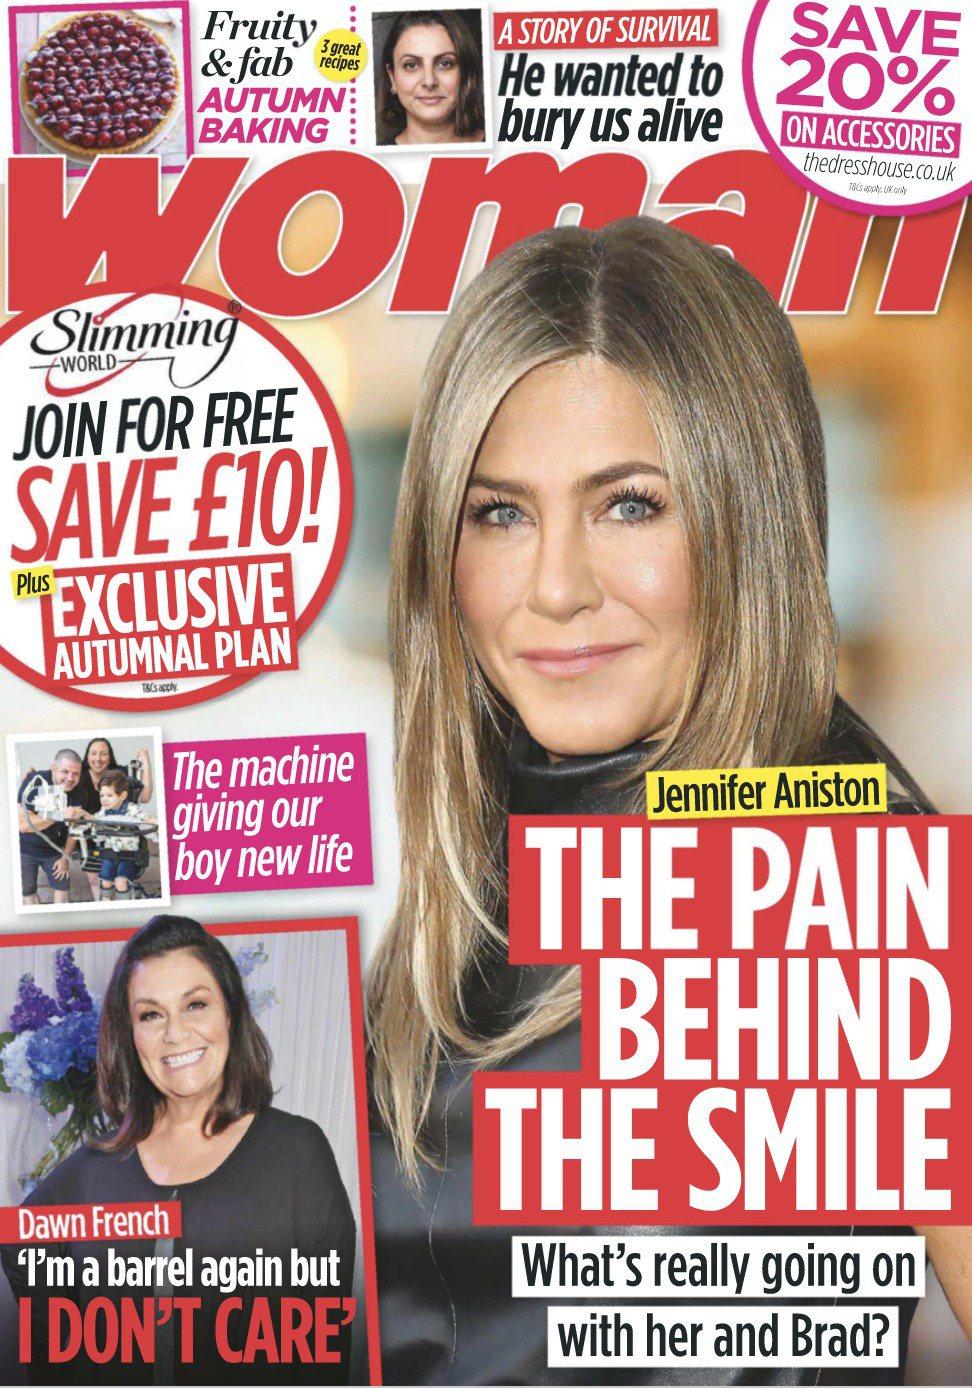 珍妮佛安妮絲頓又被雜誌指人前強顏歡笑,內心相當痛苦。圖/摘自Woman